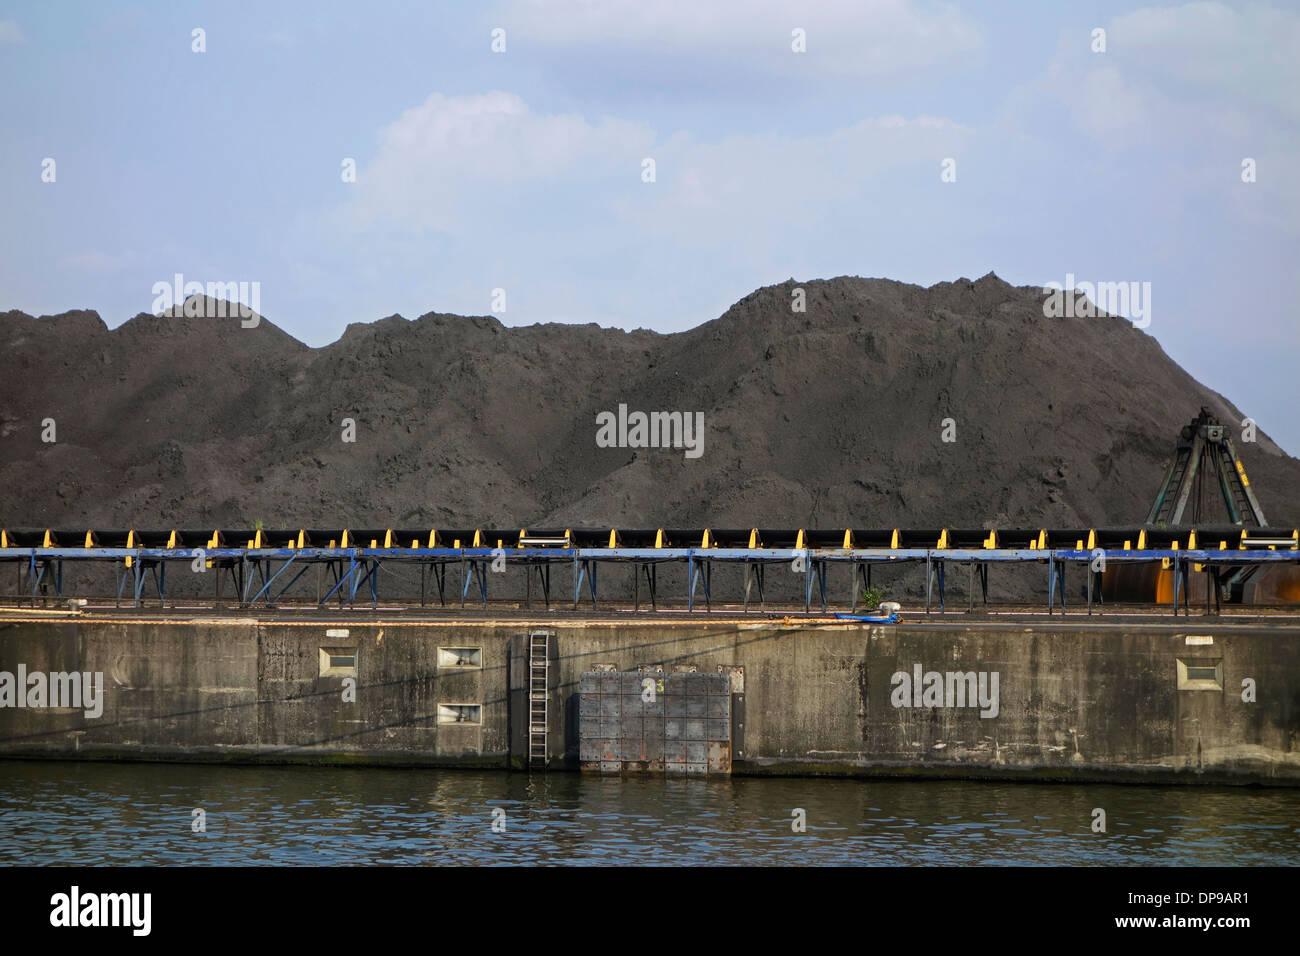 Des tas de charbon à Sea-invest / Ghent Coal Terminal / GCT au port de Gand, Flandre orientale, Belgique Photo Stock